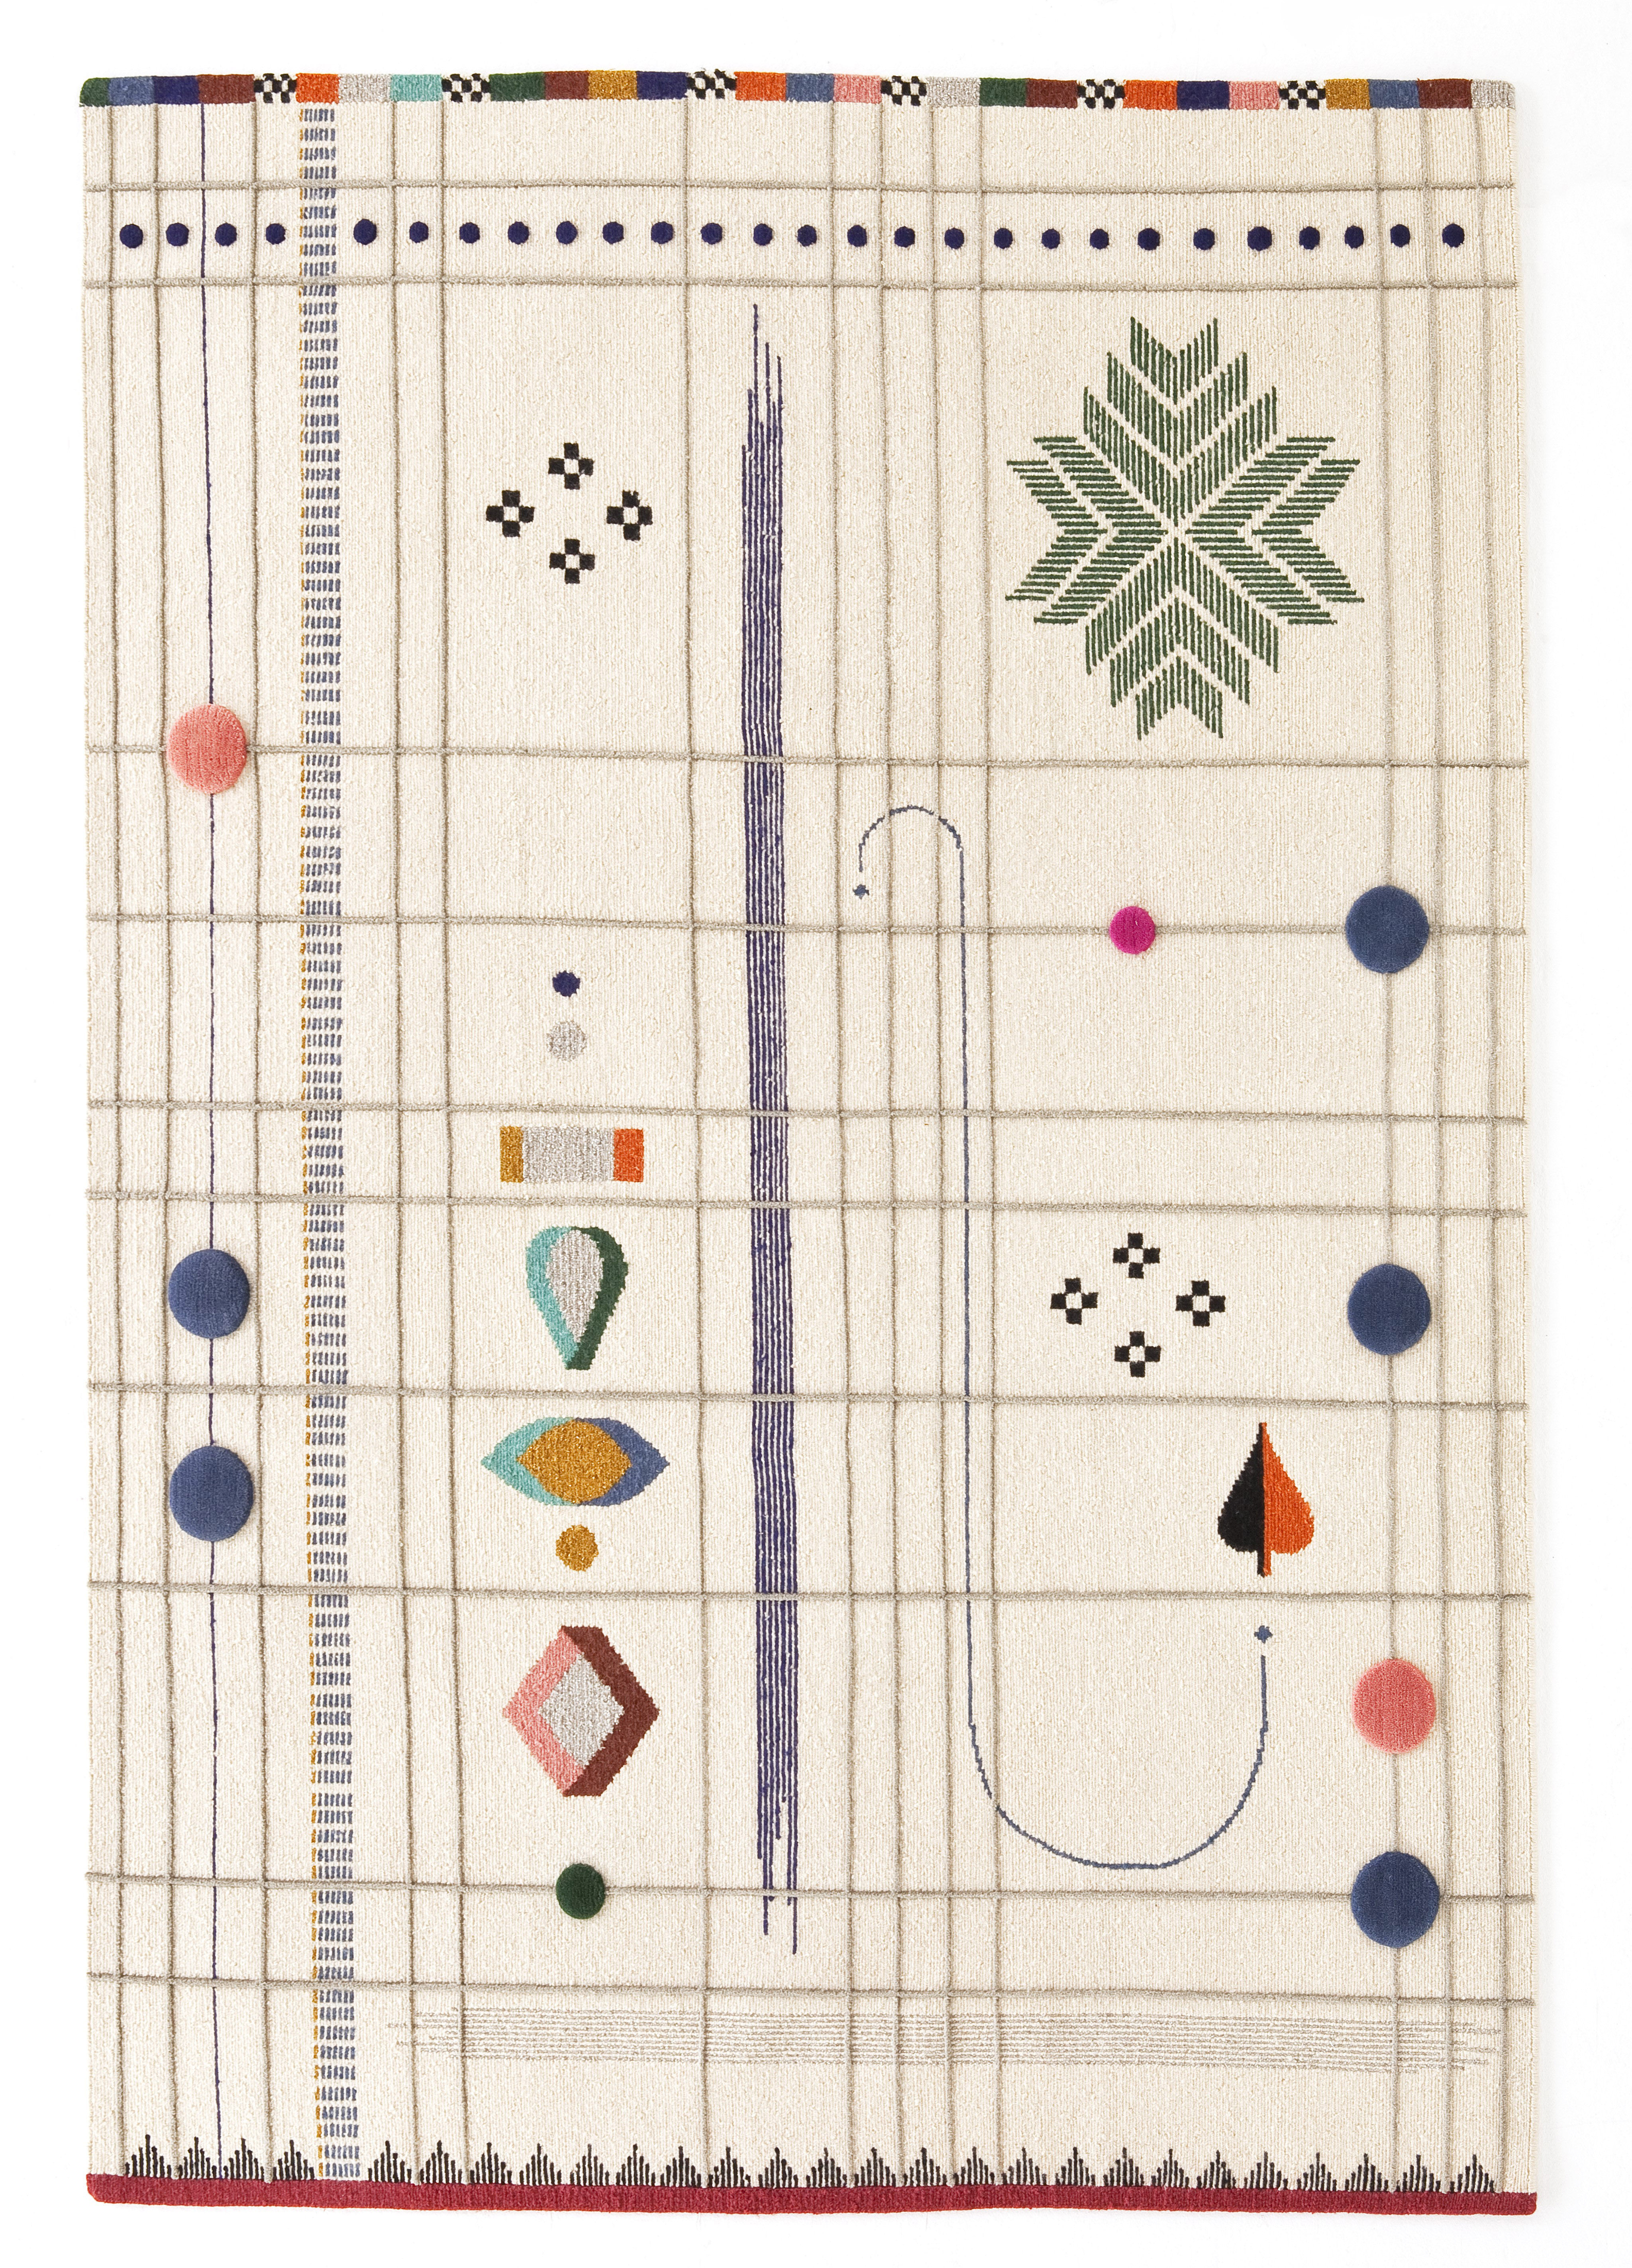 Déco - Tapis - Tapis Rabari 1 / Tissé main - 170 x 240 cm - Nanimarquina - Fond crème / Motifs colorés indiens - Laine vierge